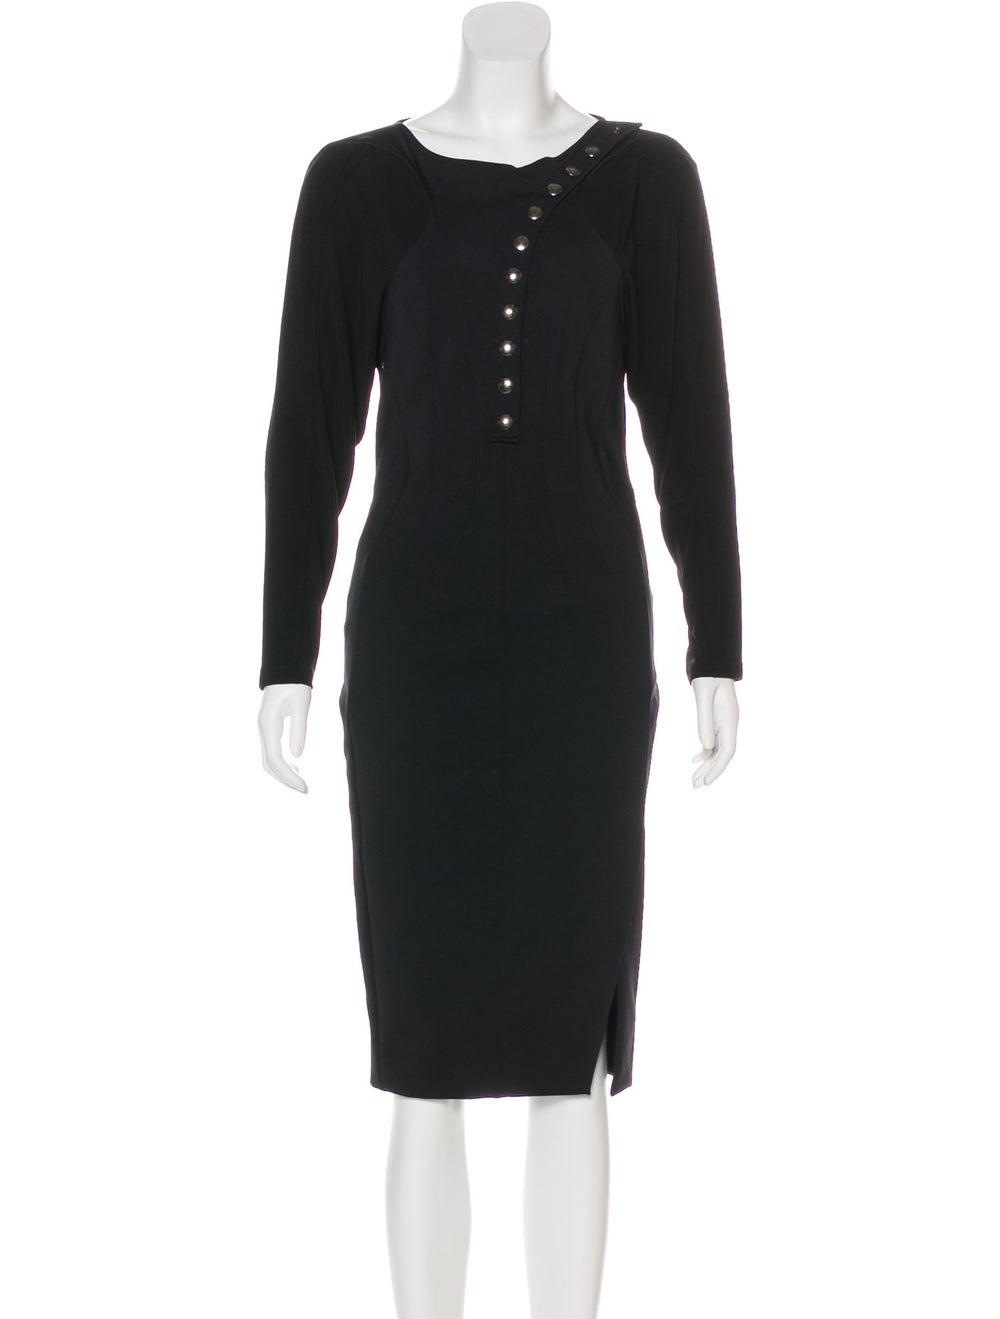 Altuzarra Embellished Midi Dress Black - image 1